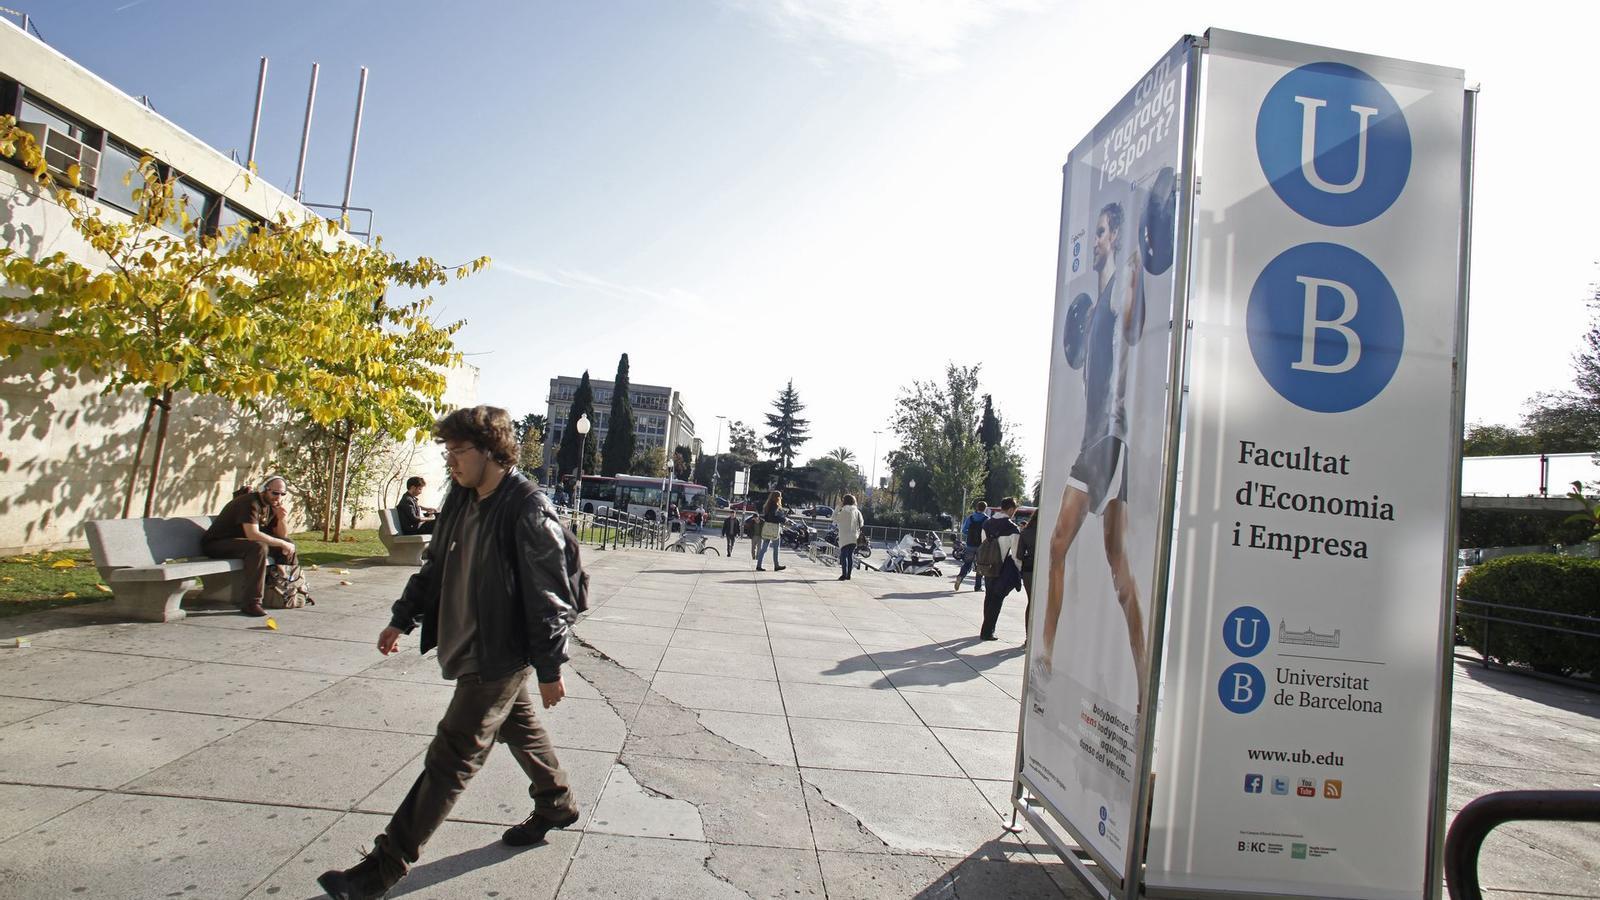 Els doctorands universitaris criden a la vaga aquest dimarts per reclamar millores salarials